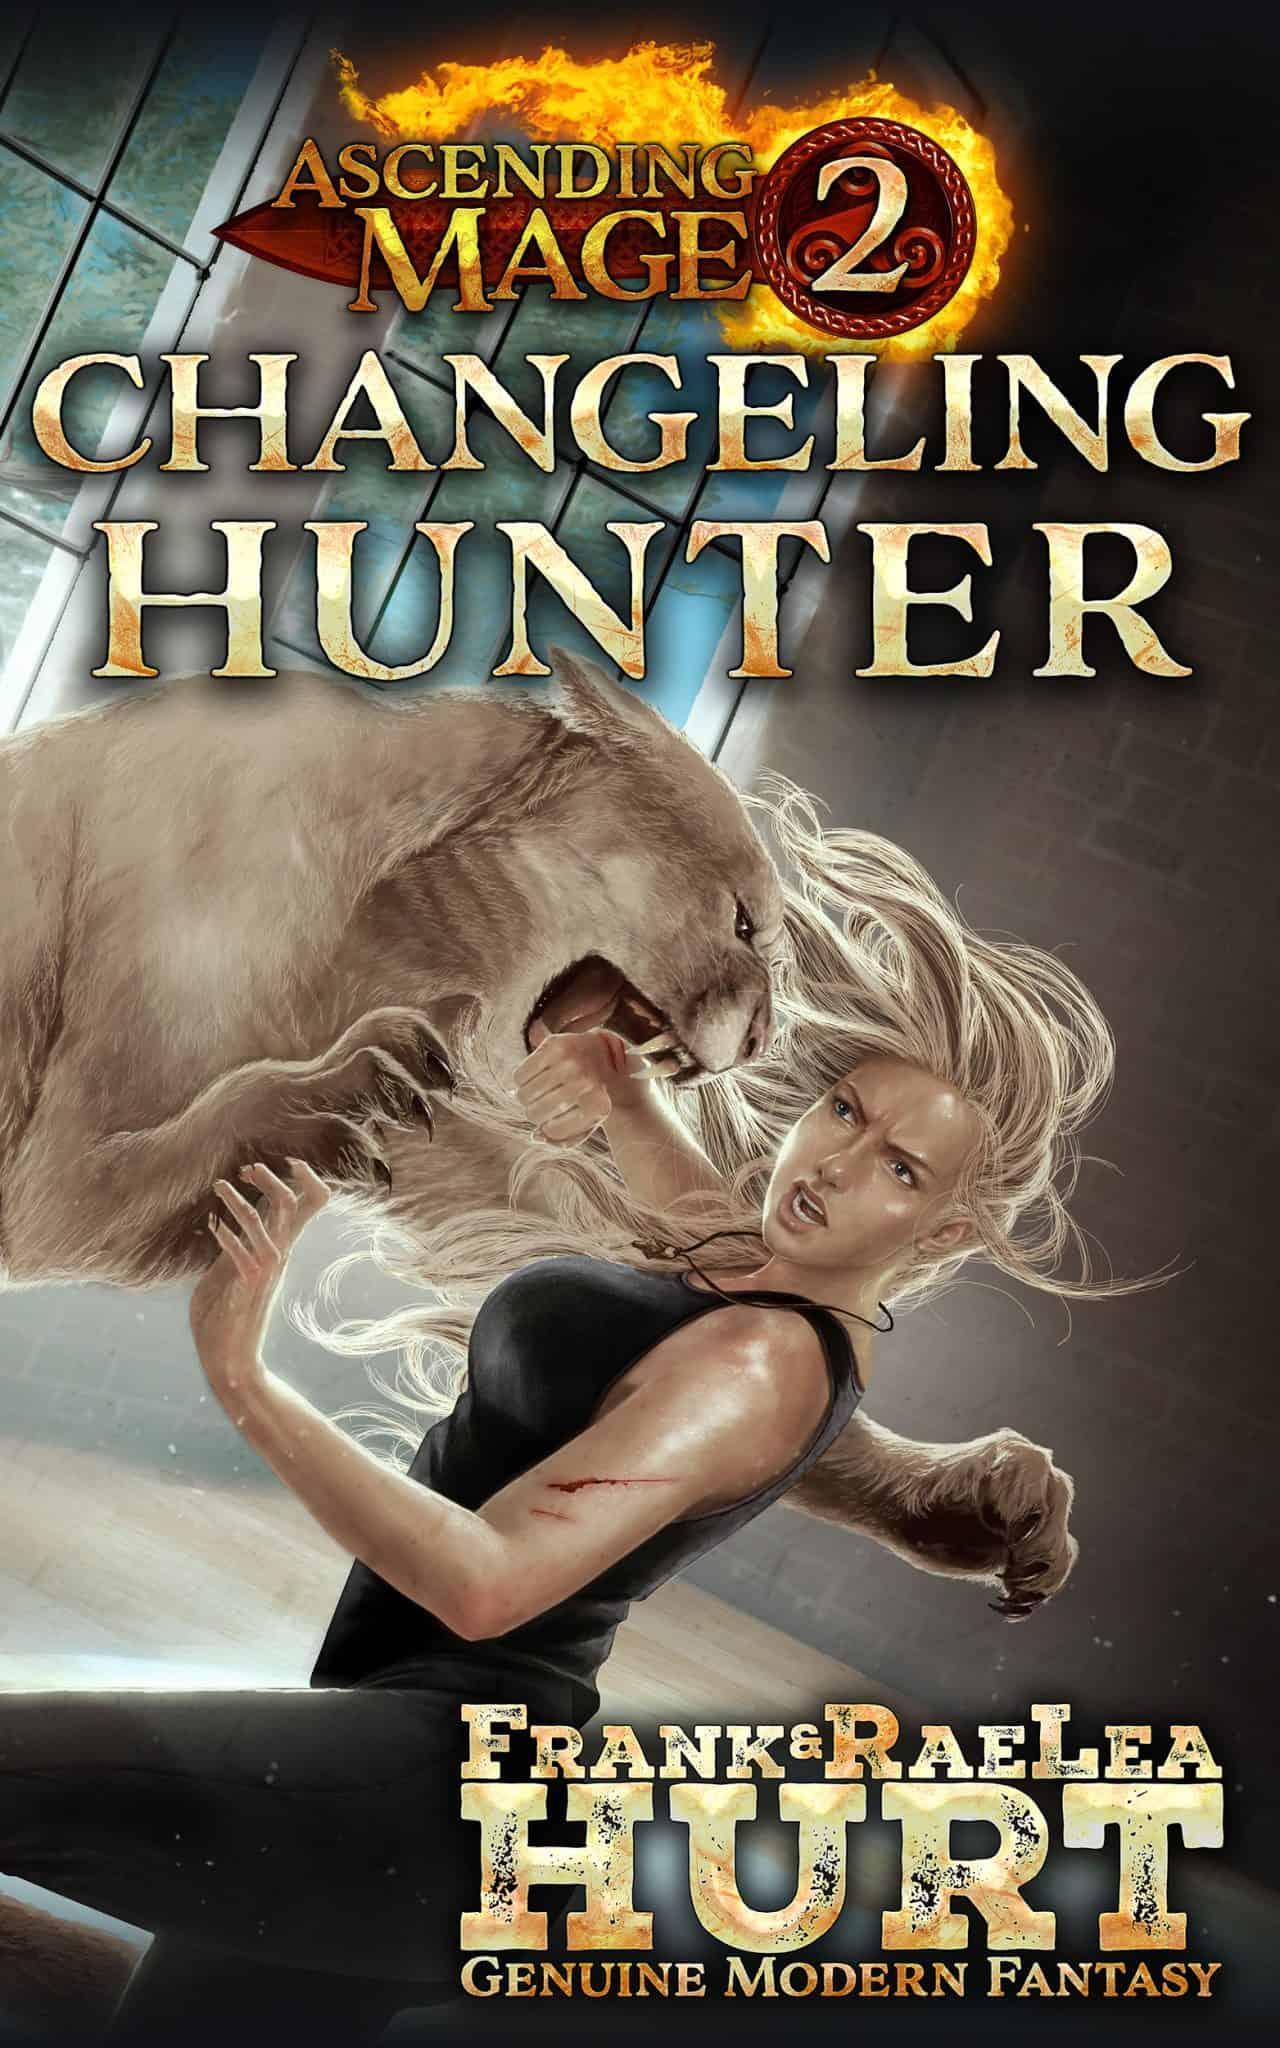 Ascending Mage 2: Changeling Hunter